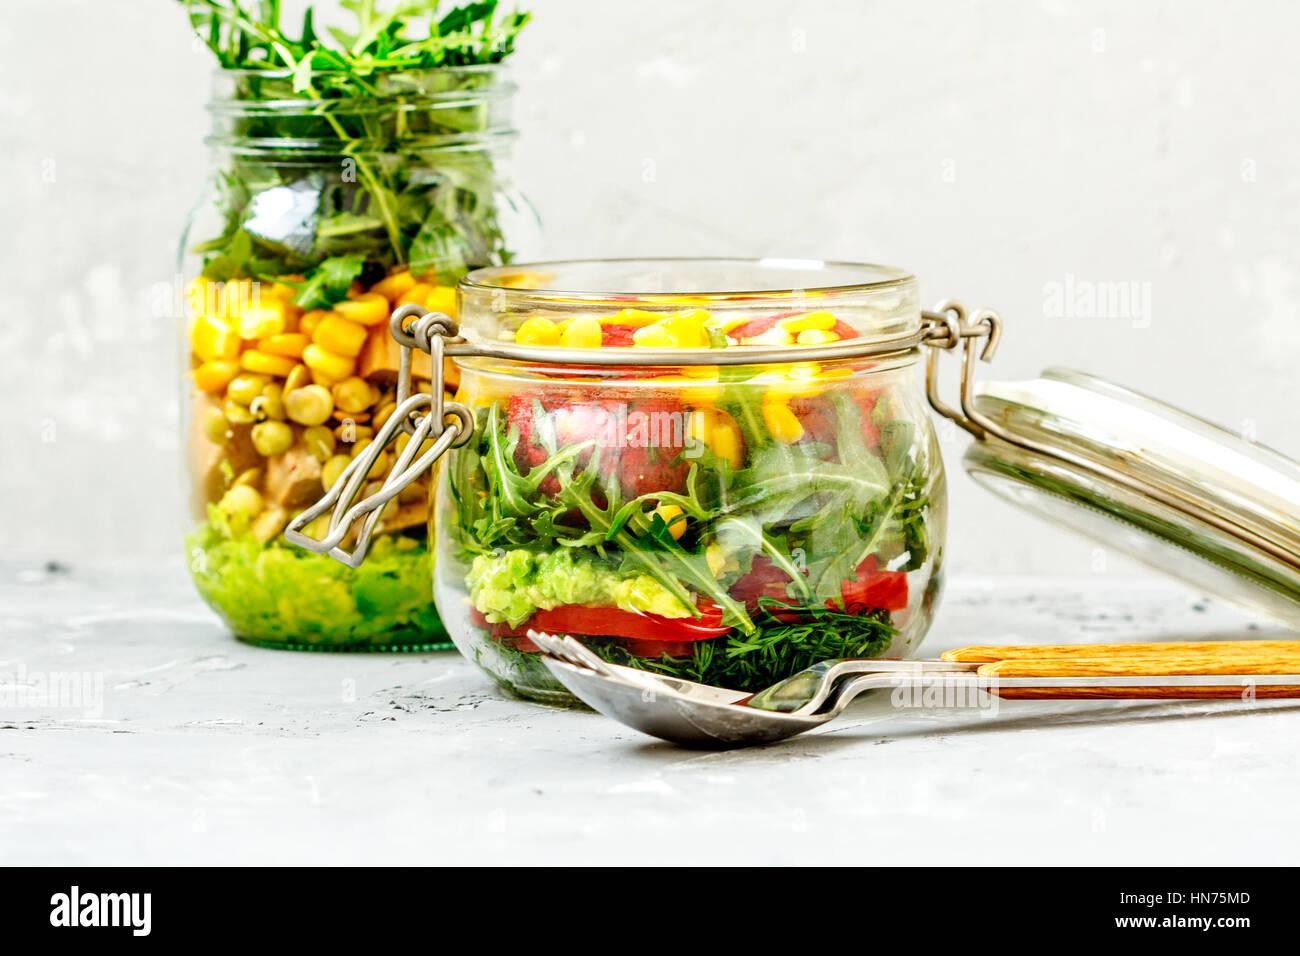 Un sano take-away a pranzo i vasetti. Guacamole, mais, tofu, fagioli, foglie di rucola. La paprica, falafel, aneto Immagini Stock